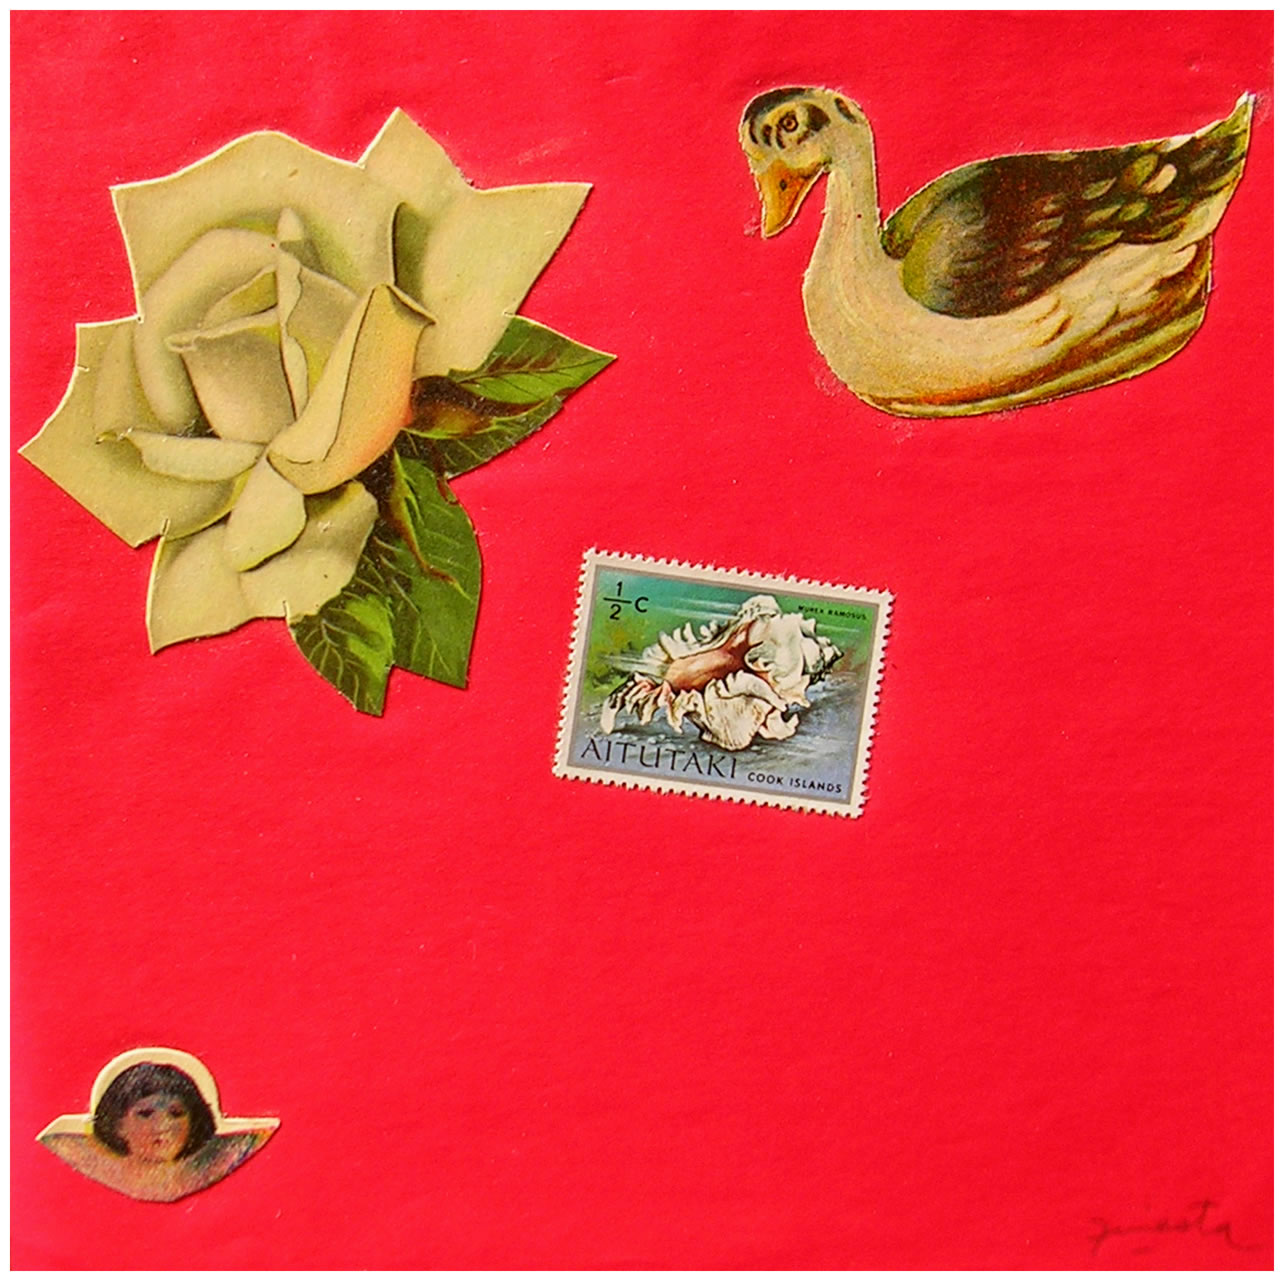 Pato,  papel collage, 15 cm x 15 cm, 1999